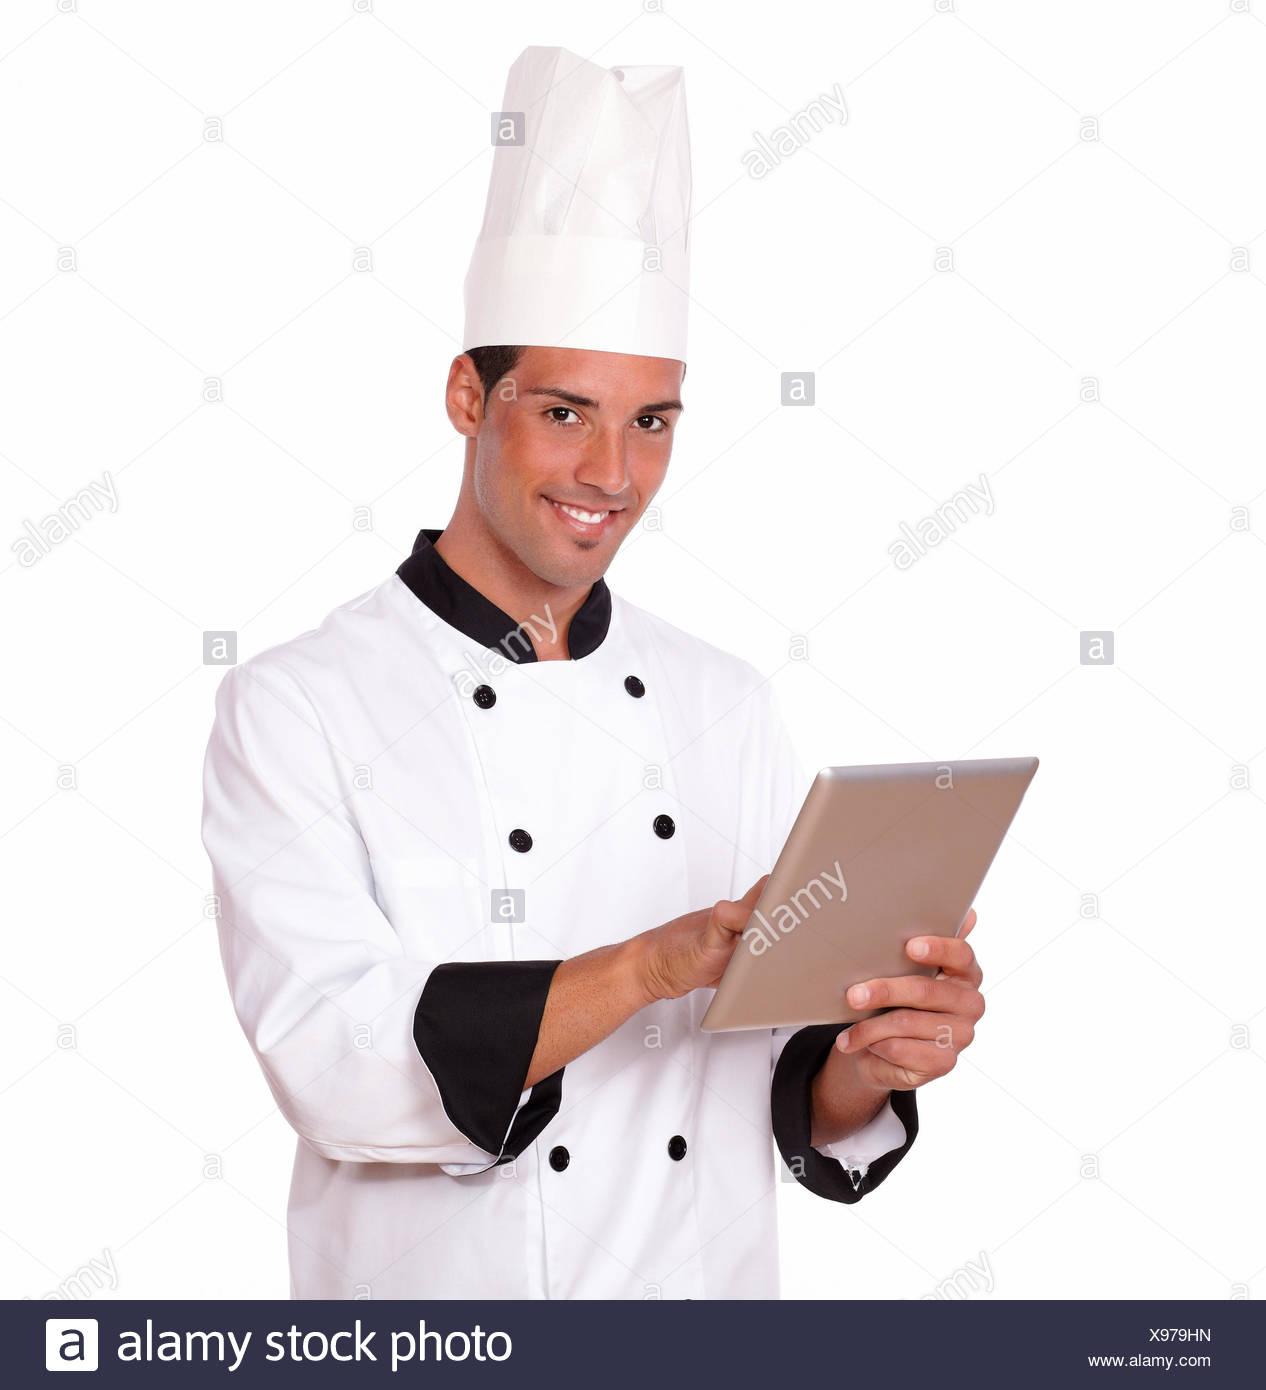 Portrait de l'homme chef professionnel 20s sur l'uniforme blanc en utilisant son pc tablette lorsque vous sourit sur studio isolé. Photo Stock